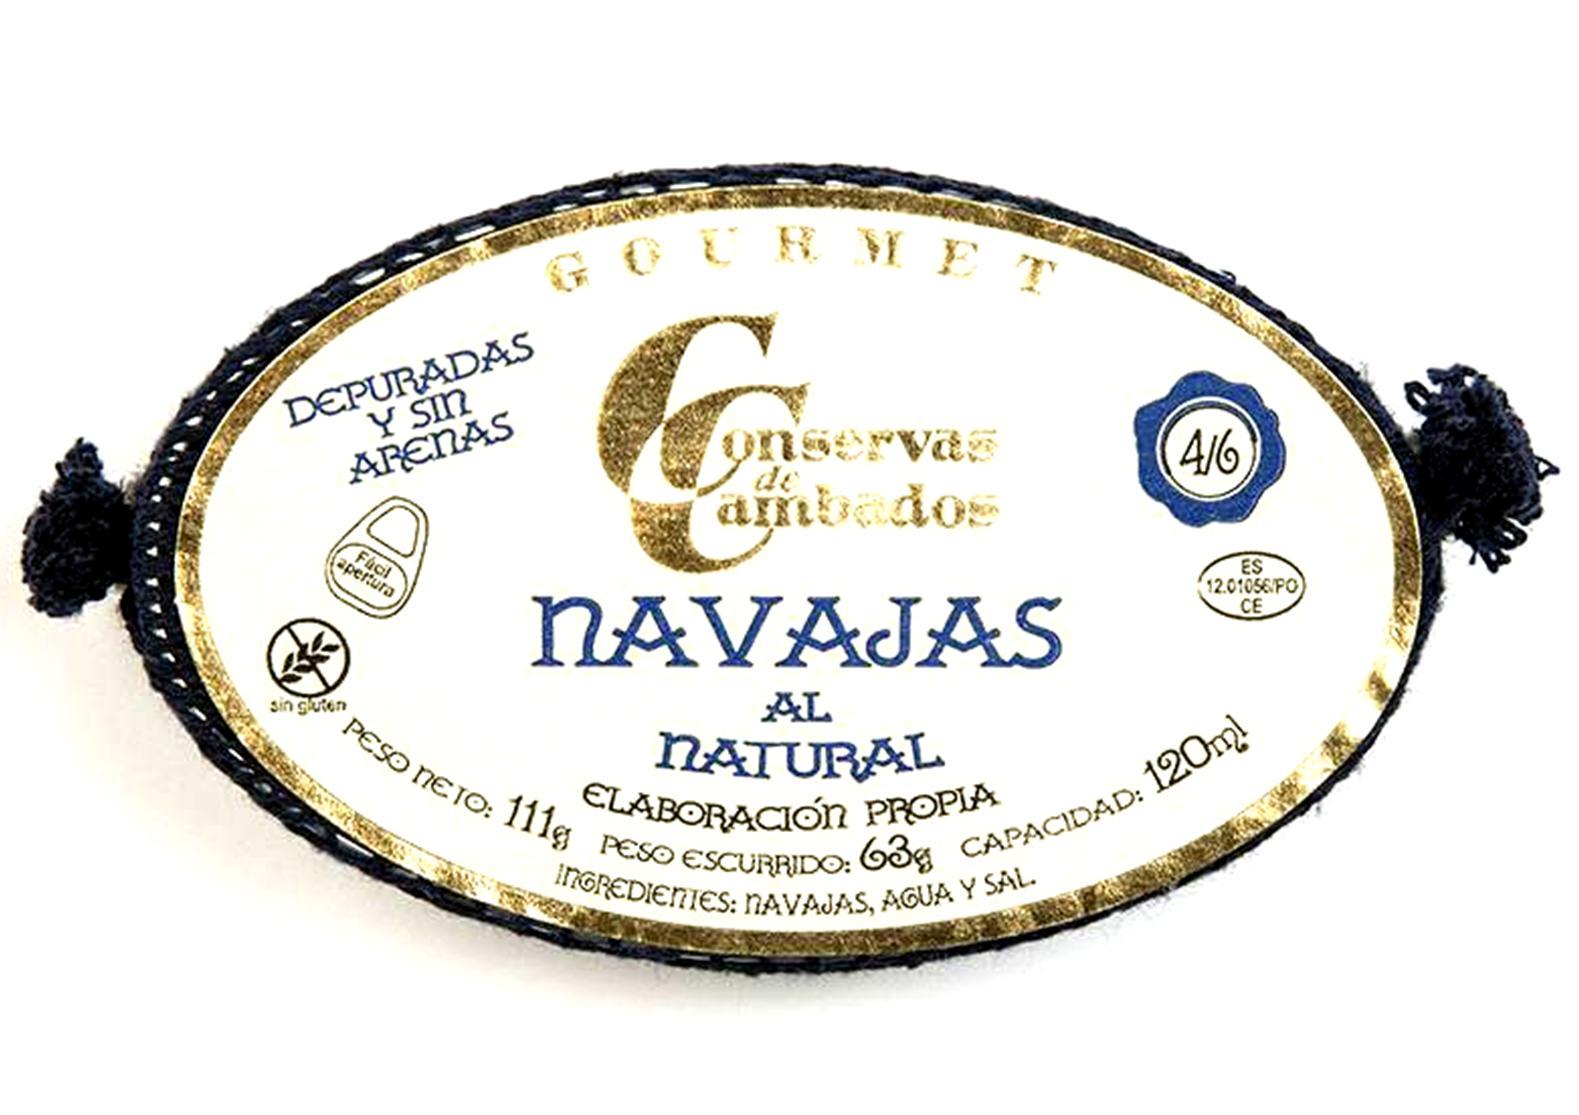 Couteaux au naturel - Conserves de Cambados - Galice Espagne